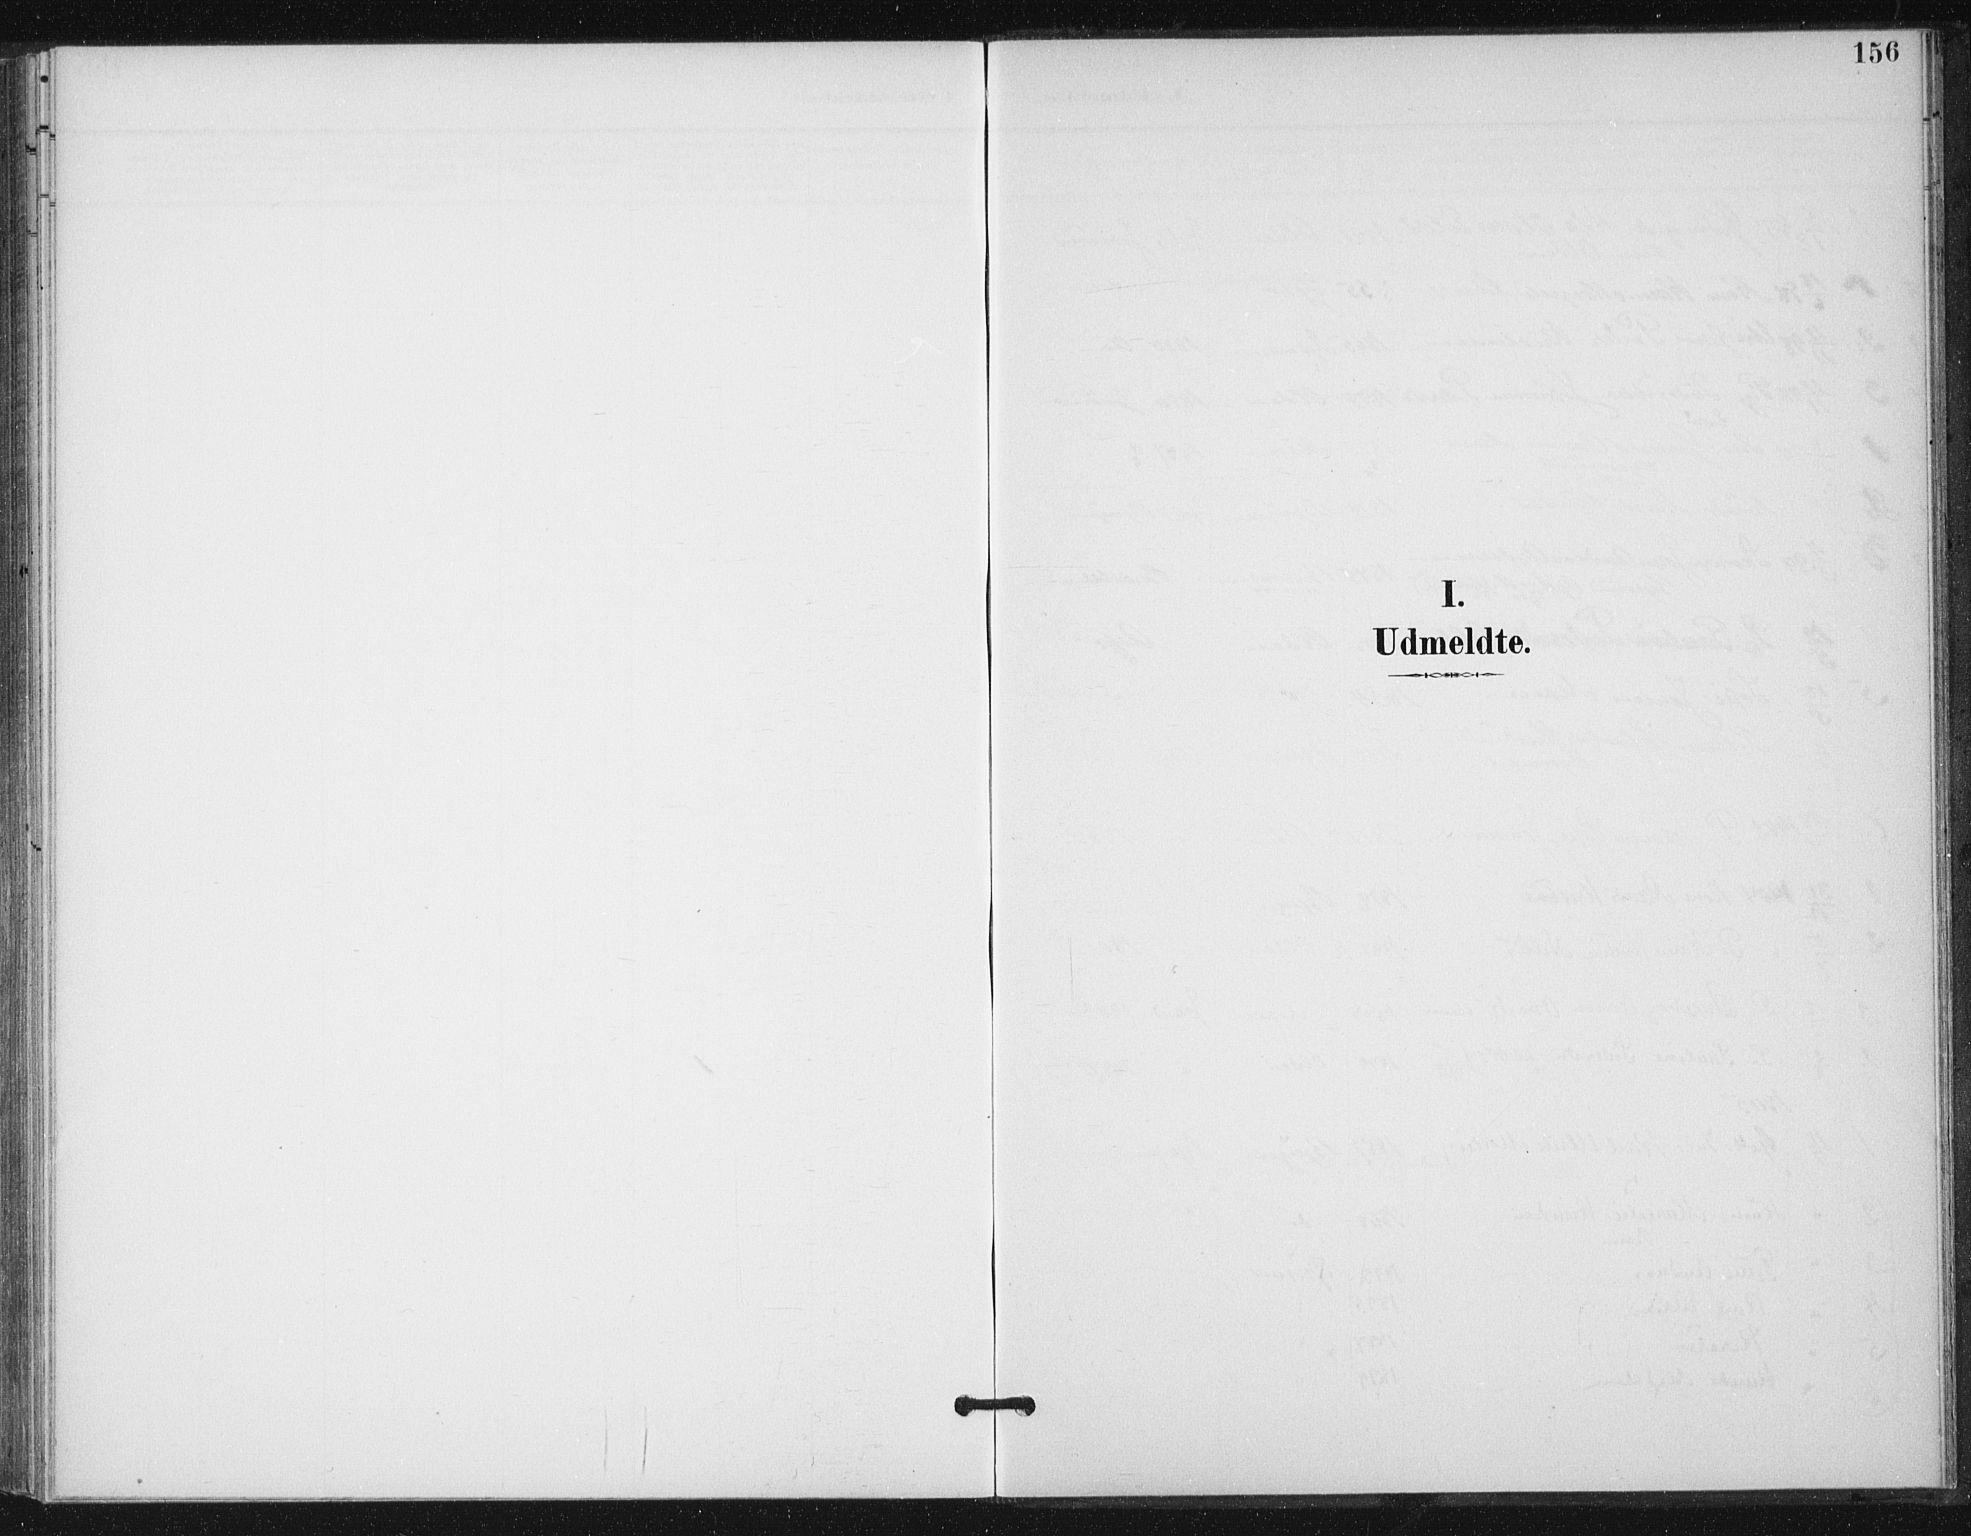 SAT, Ministerialprotokoller, klokkerbøker og fødselsregistre - Sør-Trøndelag, 654/L0664: Ministerialbok nr. 654A02, 1895-1907, s. 156